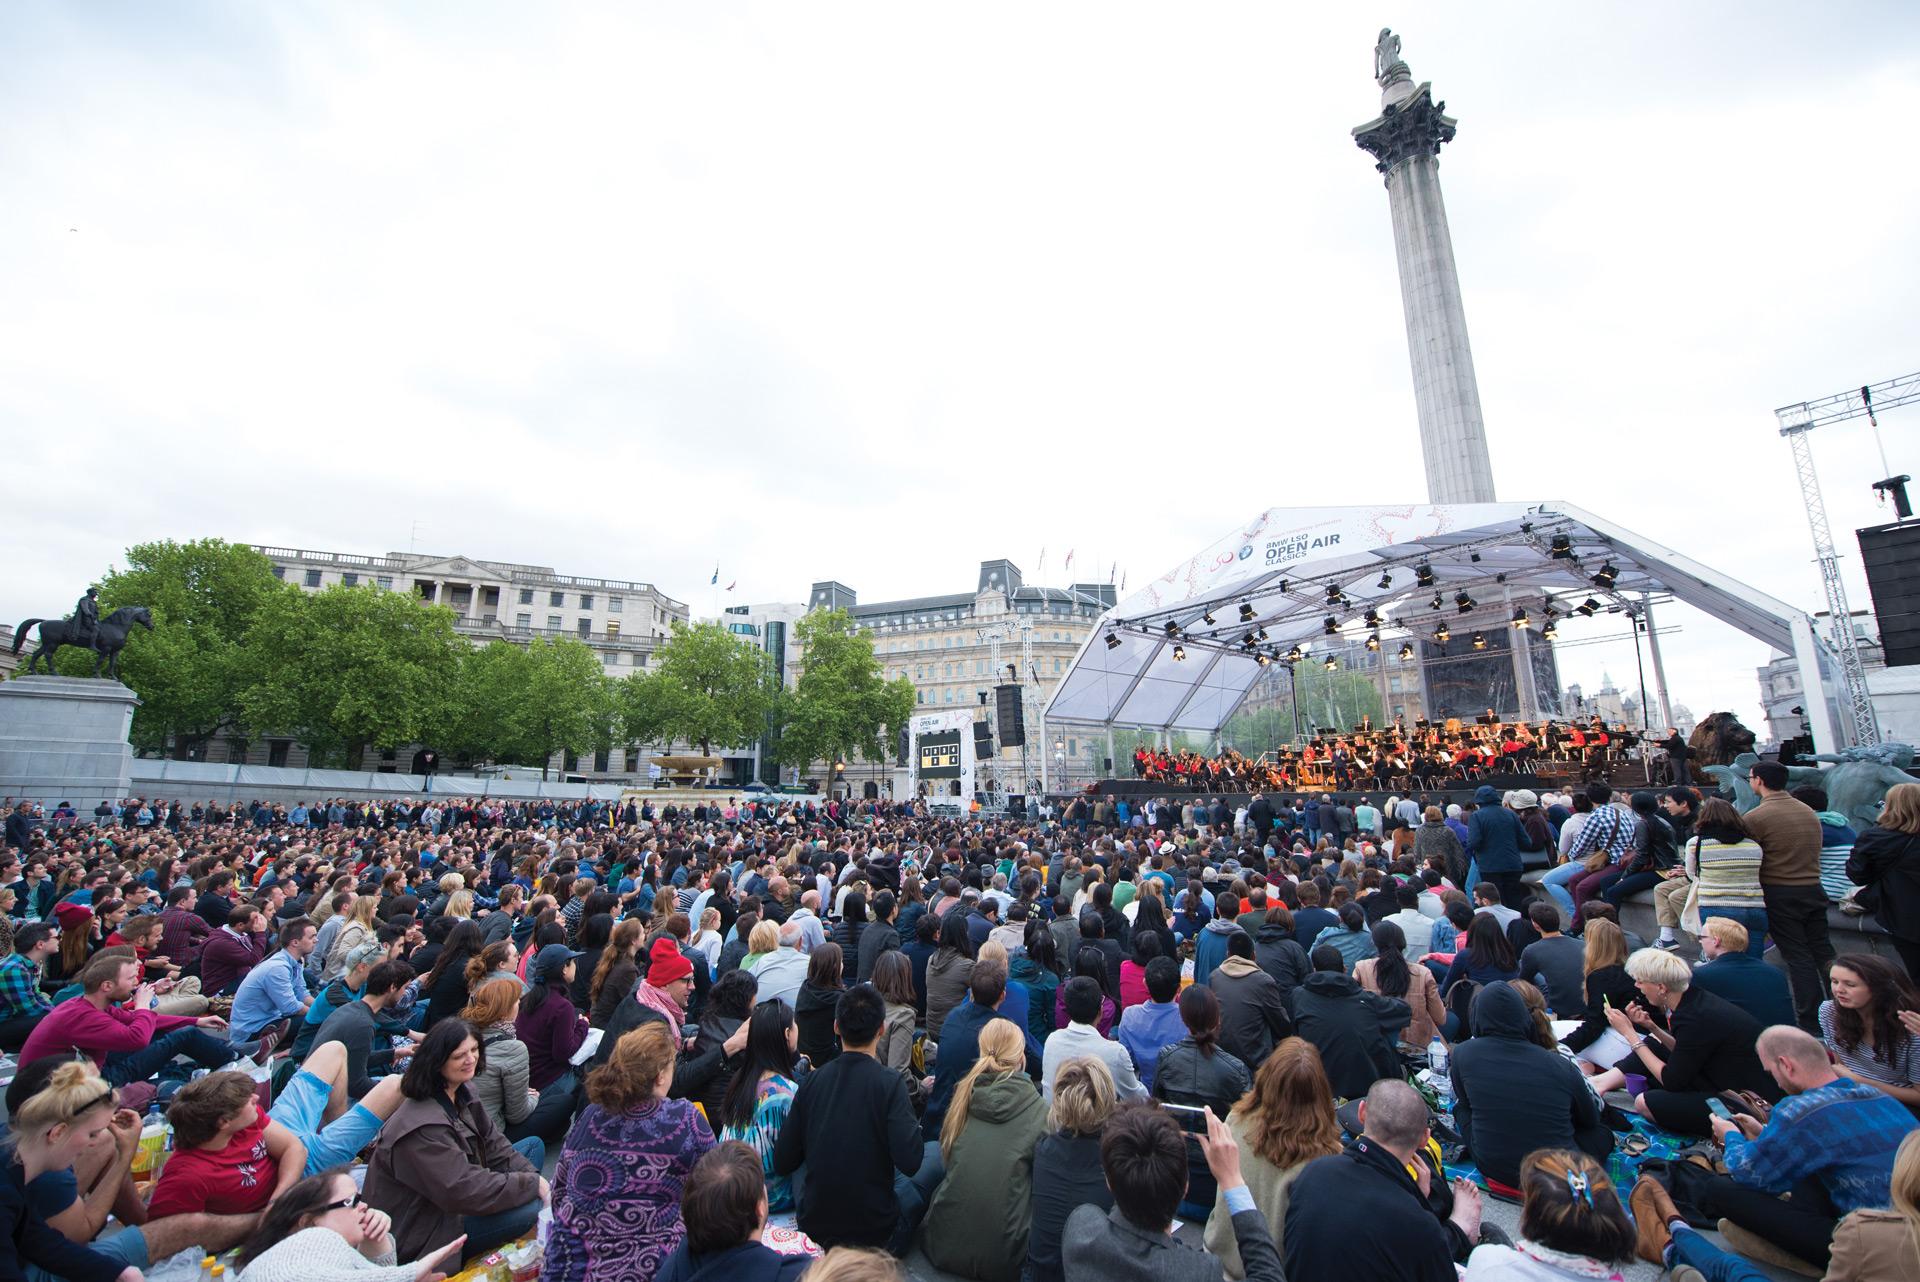 Музыка над Лондоном: Сэр Саймон Рэттл проведет седьмой бесплатный концерт серии BMW LSO Open Air Classics.